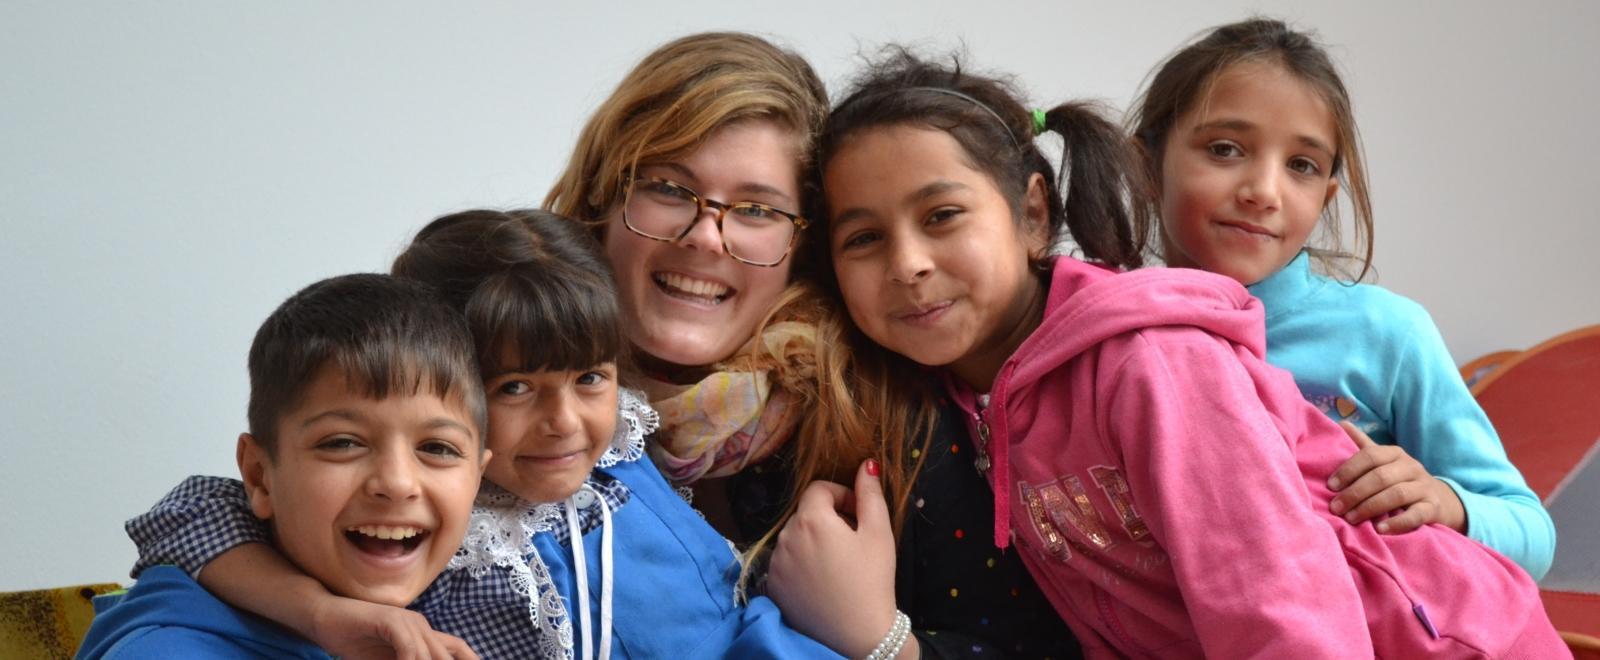 Voluntaria ayudando a niños rumanos en un centro de cuidado.